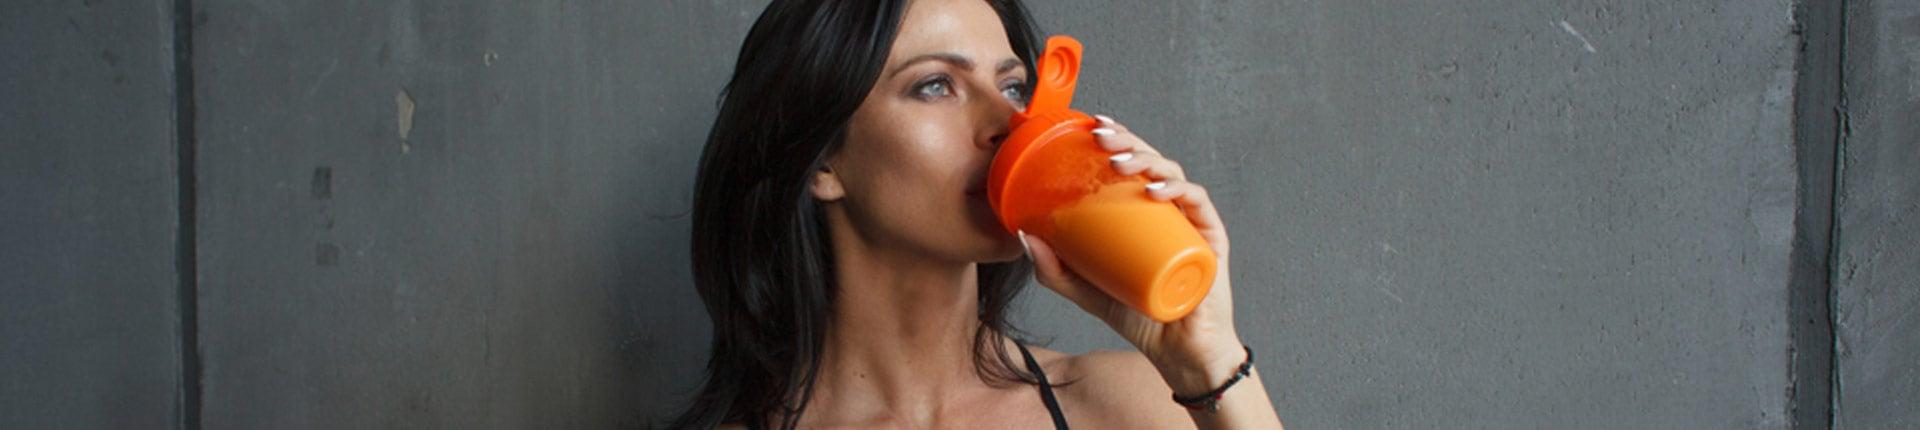 Czy kobiety mogą pić białko? Popularne mity na temat białka!